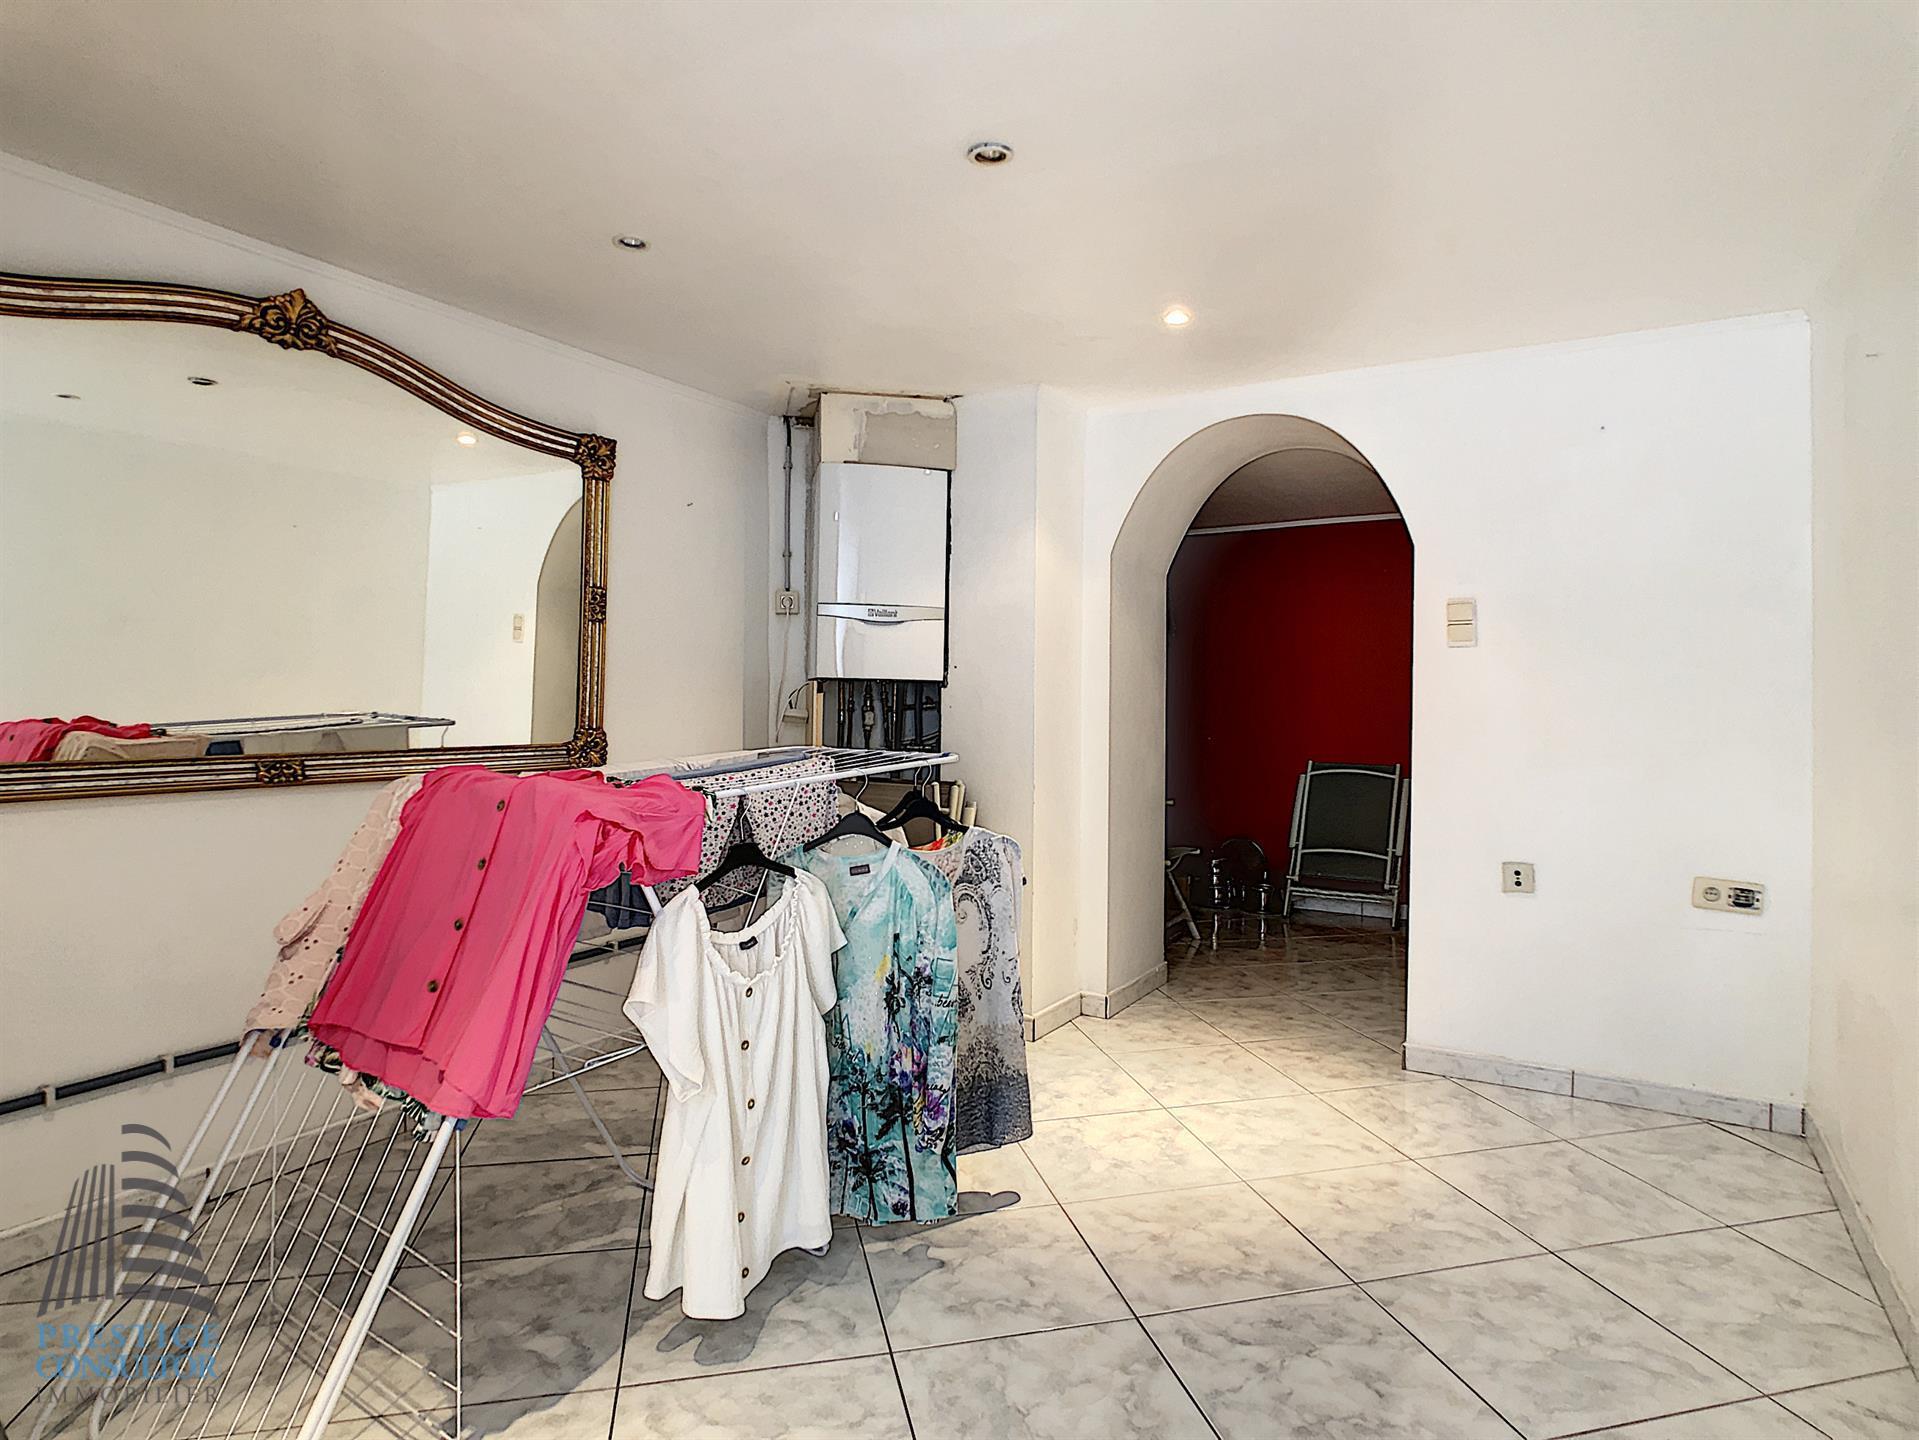 Appartement - Schaarbeek - #4063307-7